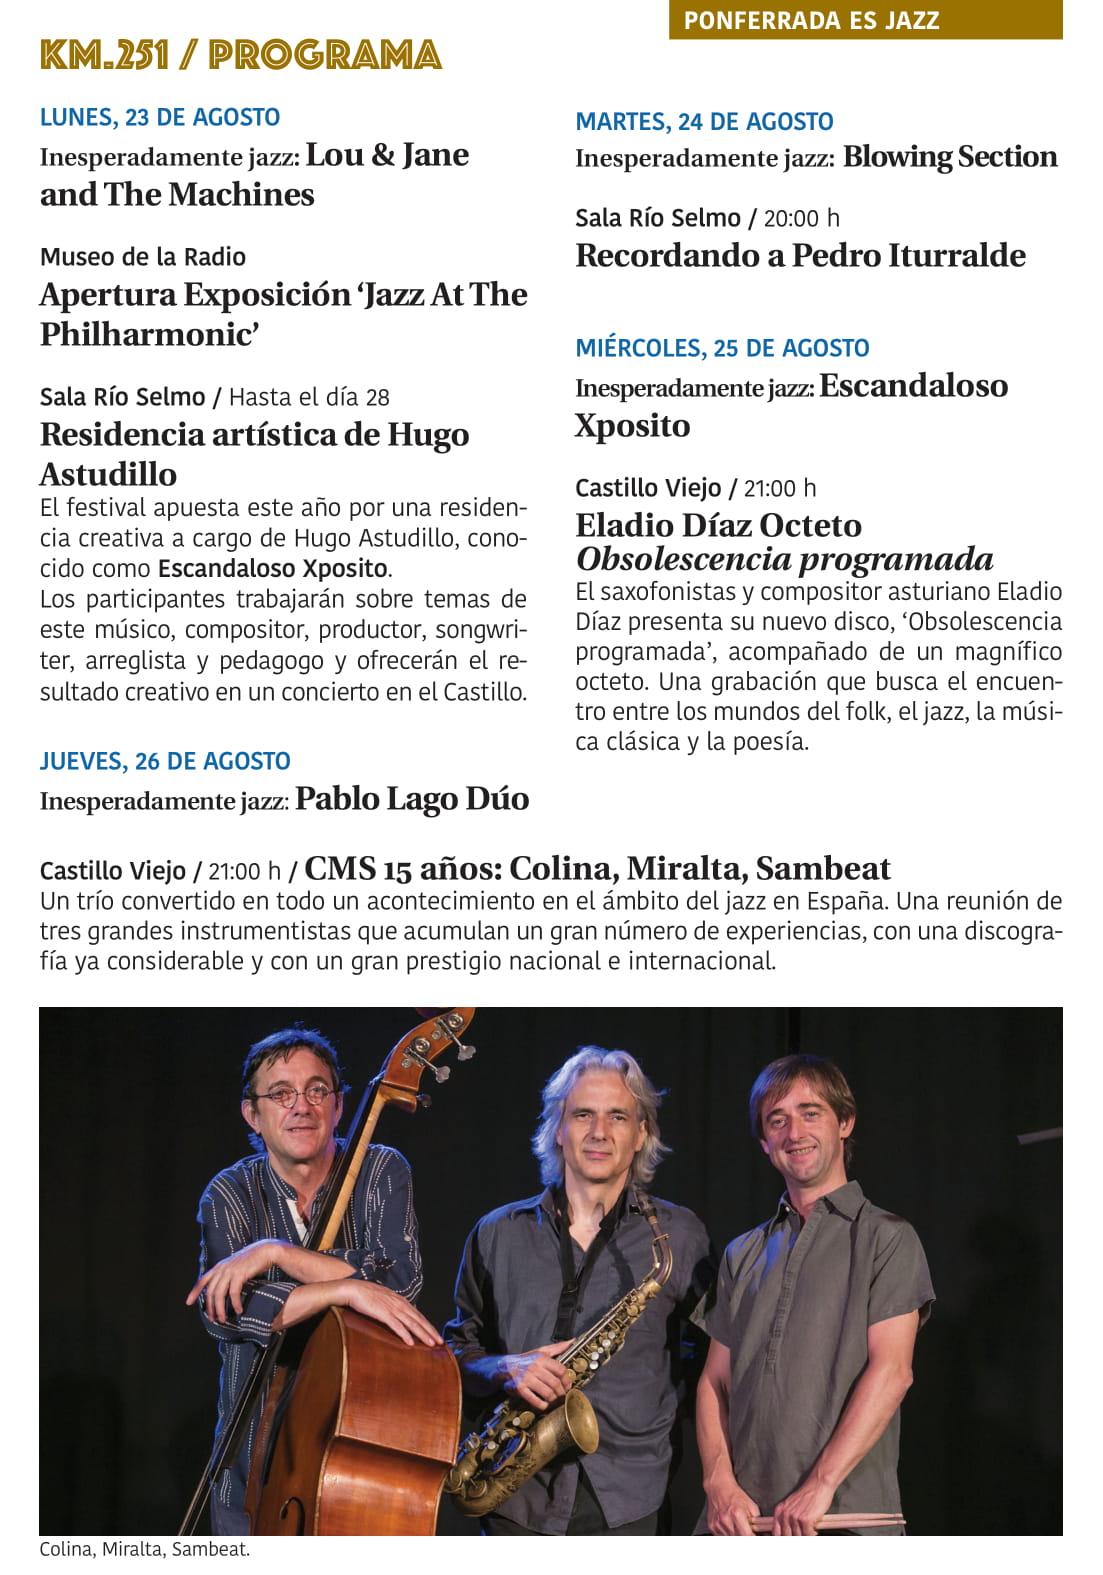 Ponferrada será... música, cultura, monumentos, turismo y más durante el verano de 2021 25